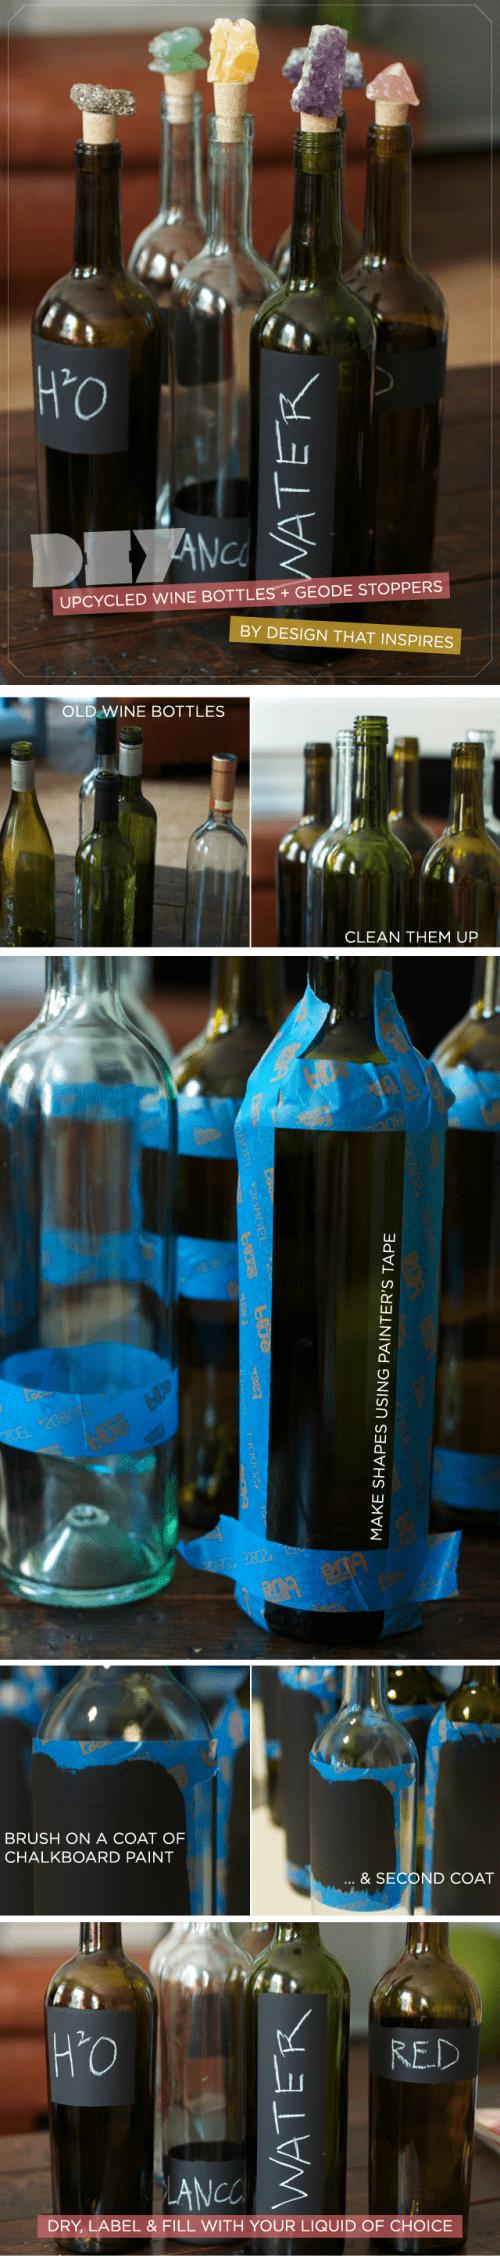 chalkboard labels for wine bottles (via design-that-inspires)